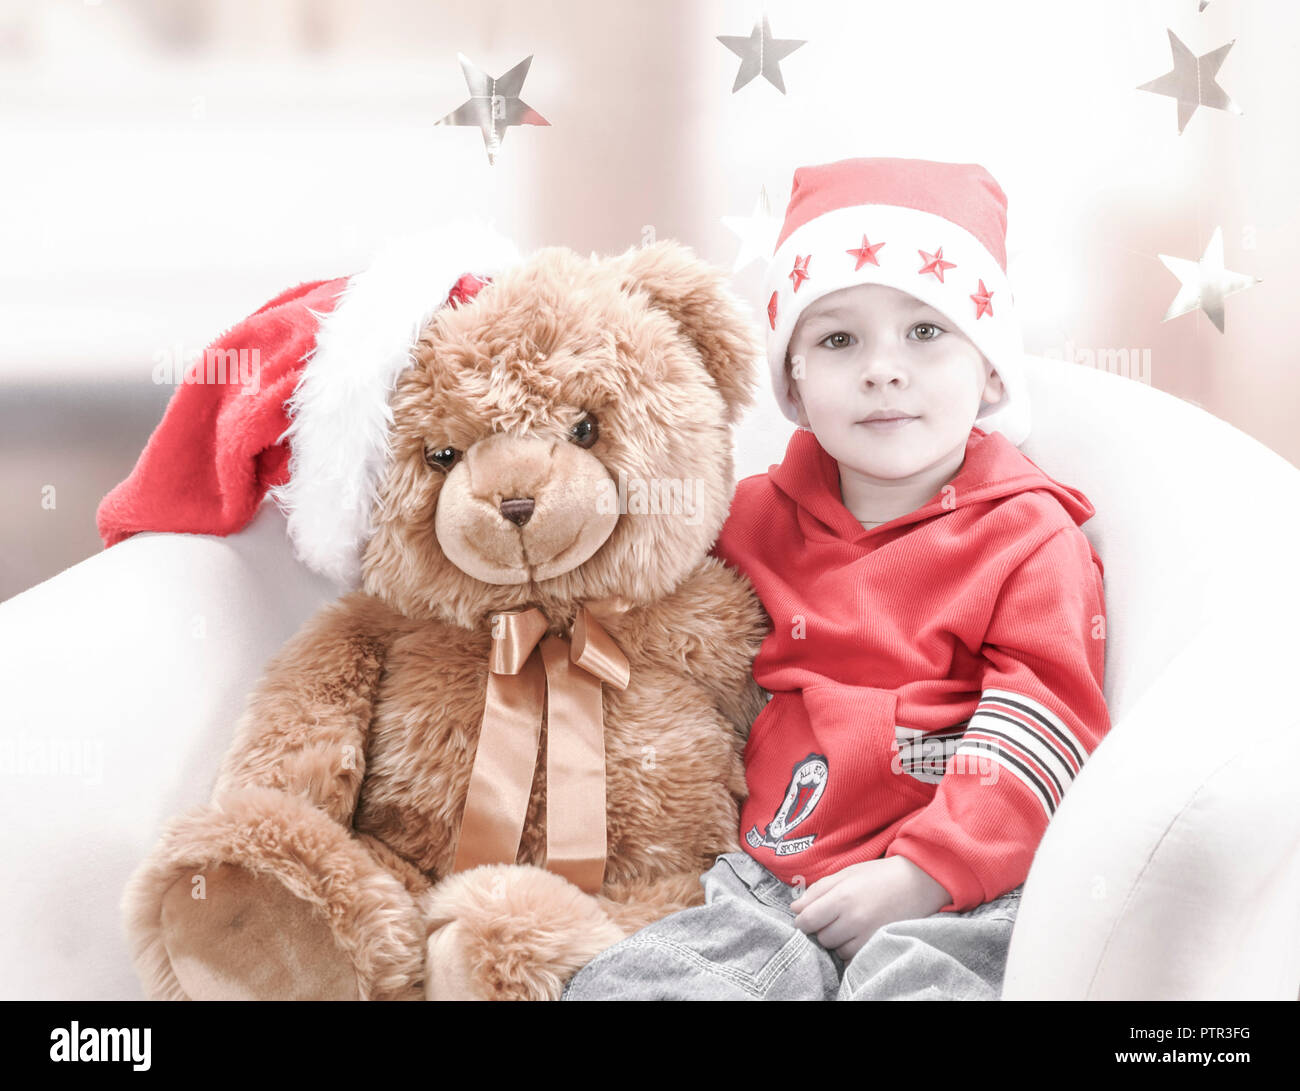 Teddy Weihnachten.Teddy Baer Stock Photos Teddy Baer Stock Images Alamy